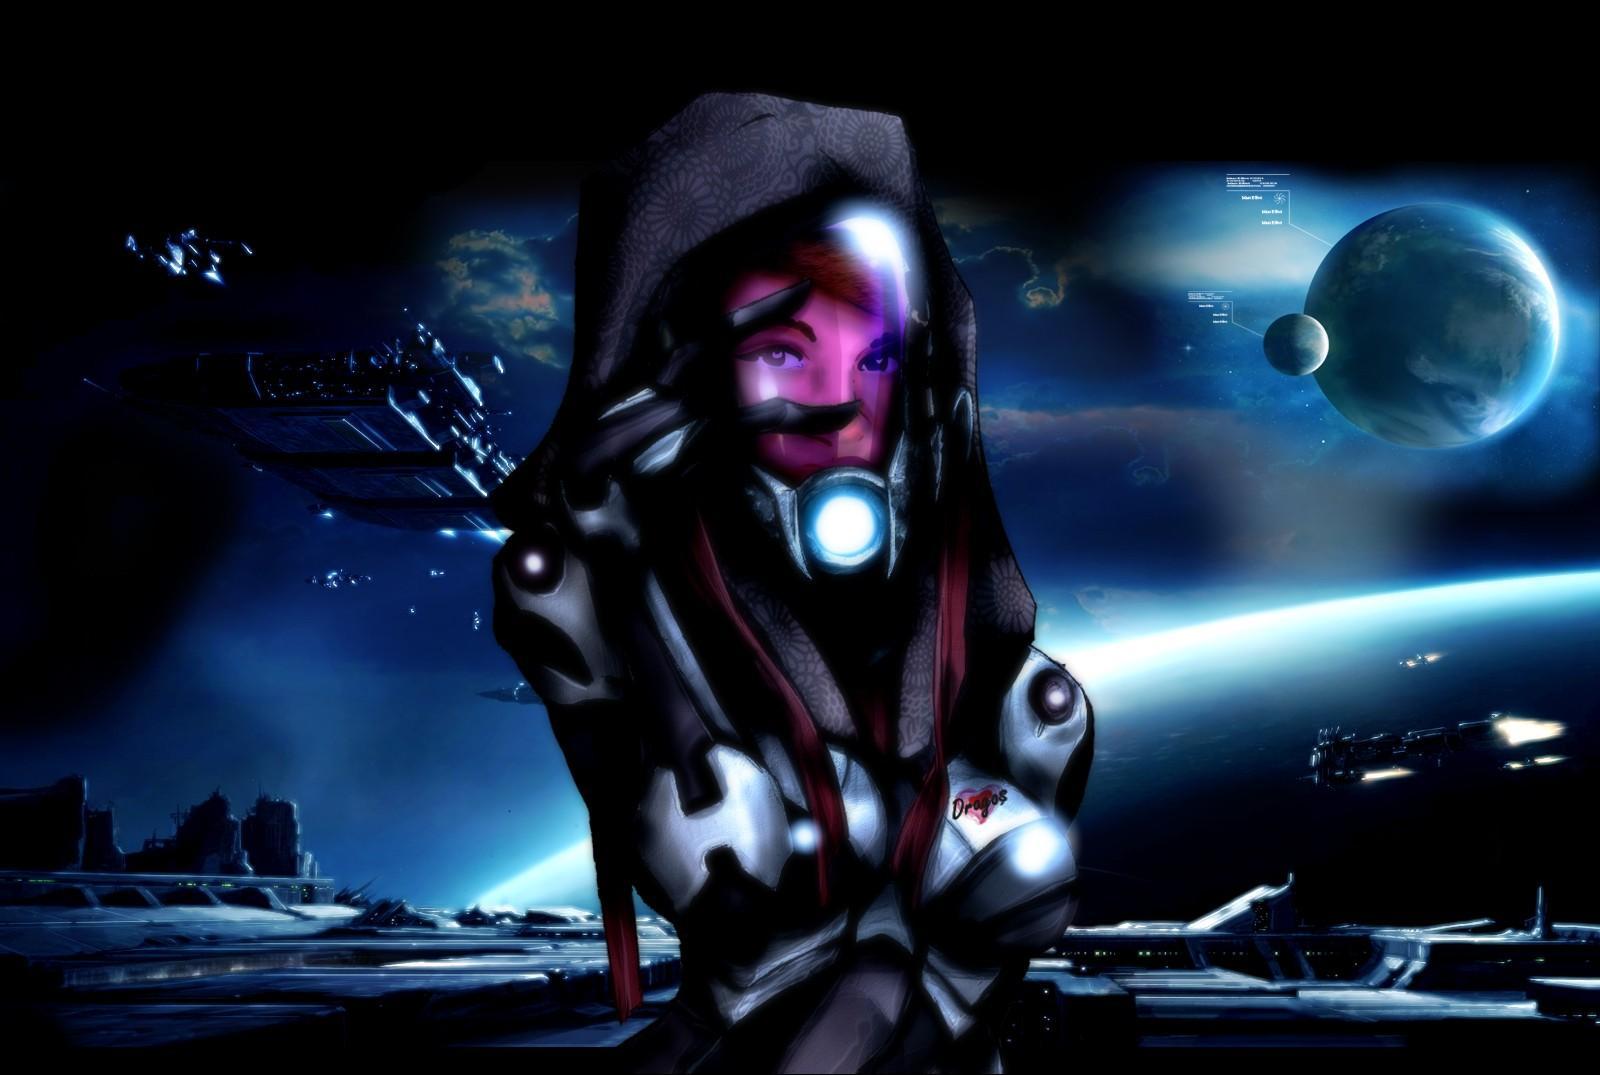 http://3.bp.blogspot.com/_9gn1LwbDMEw/TC-3o3YGOVI/AAAAAAAABIg/IhpYQ38QABs/s1600/MassEffect2.jpg